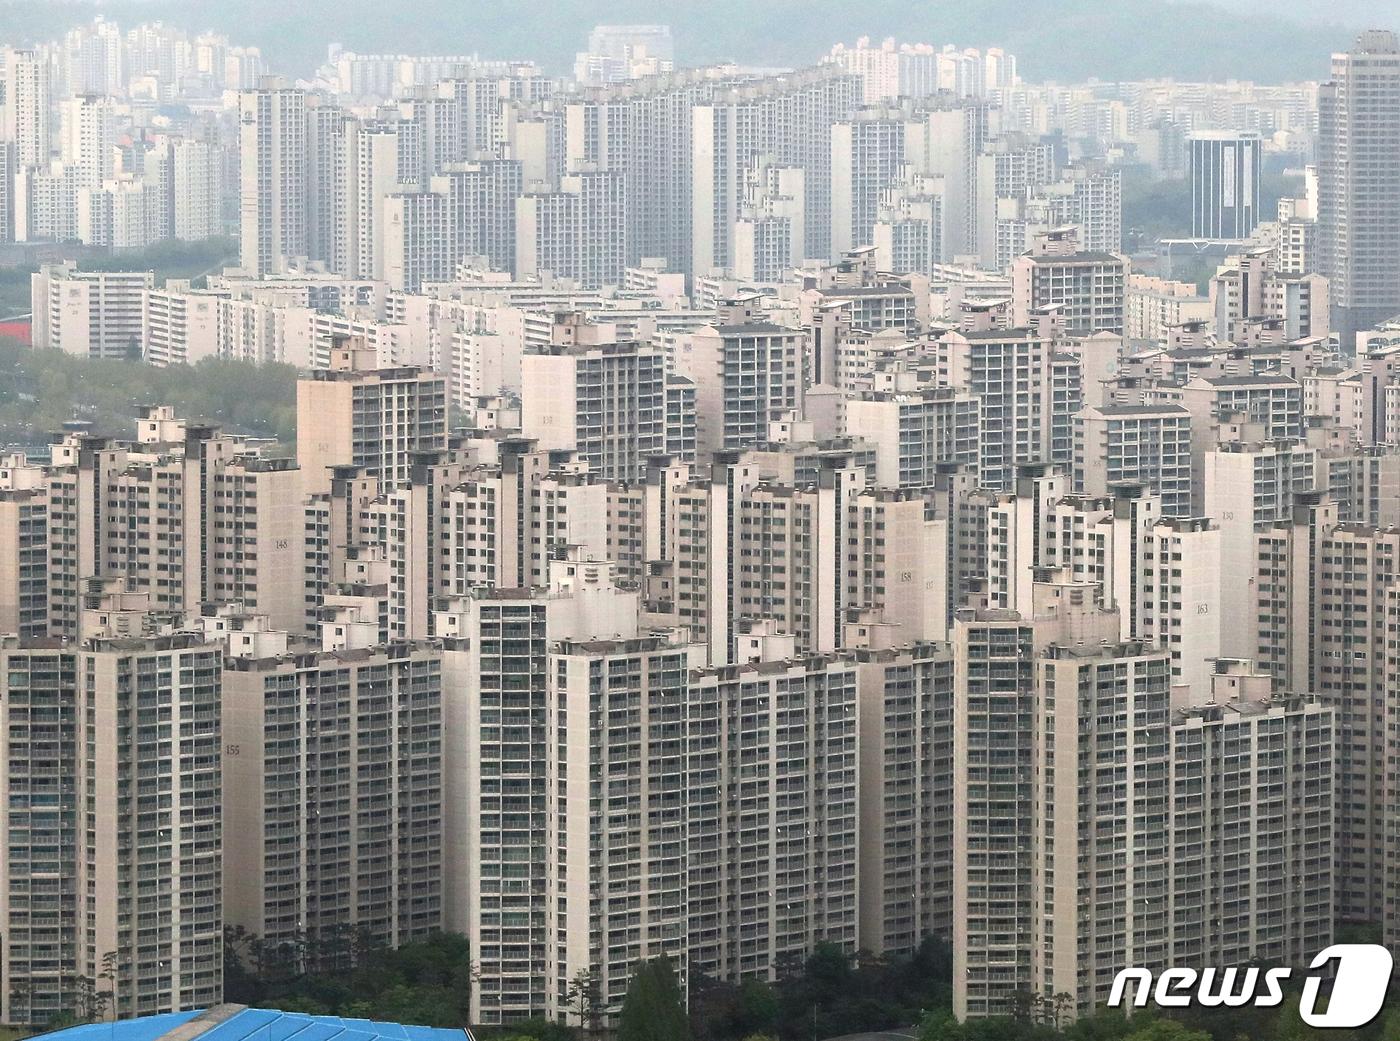 서울 송파구의 아파트 단지의 모습. (뉴스1 DB) 2019.7.2/뉴스1